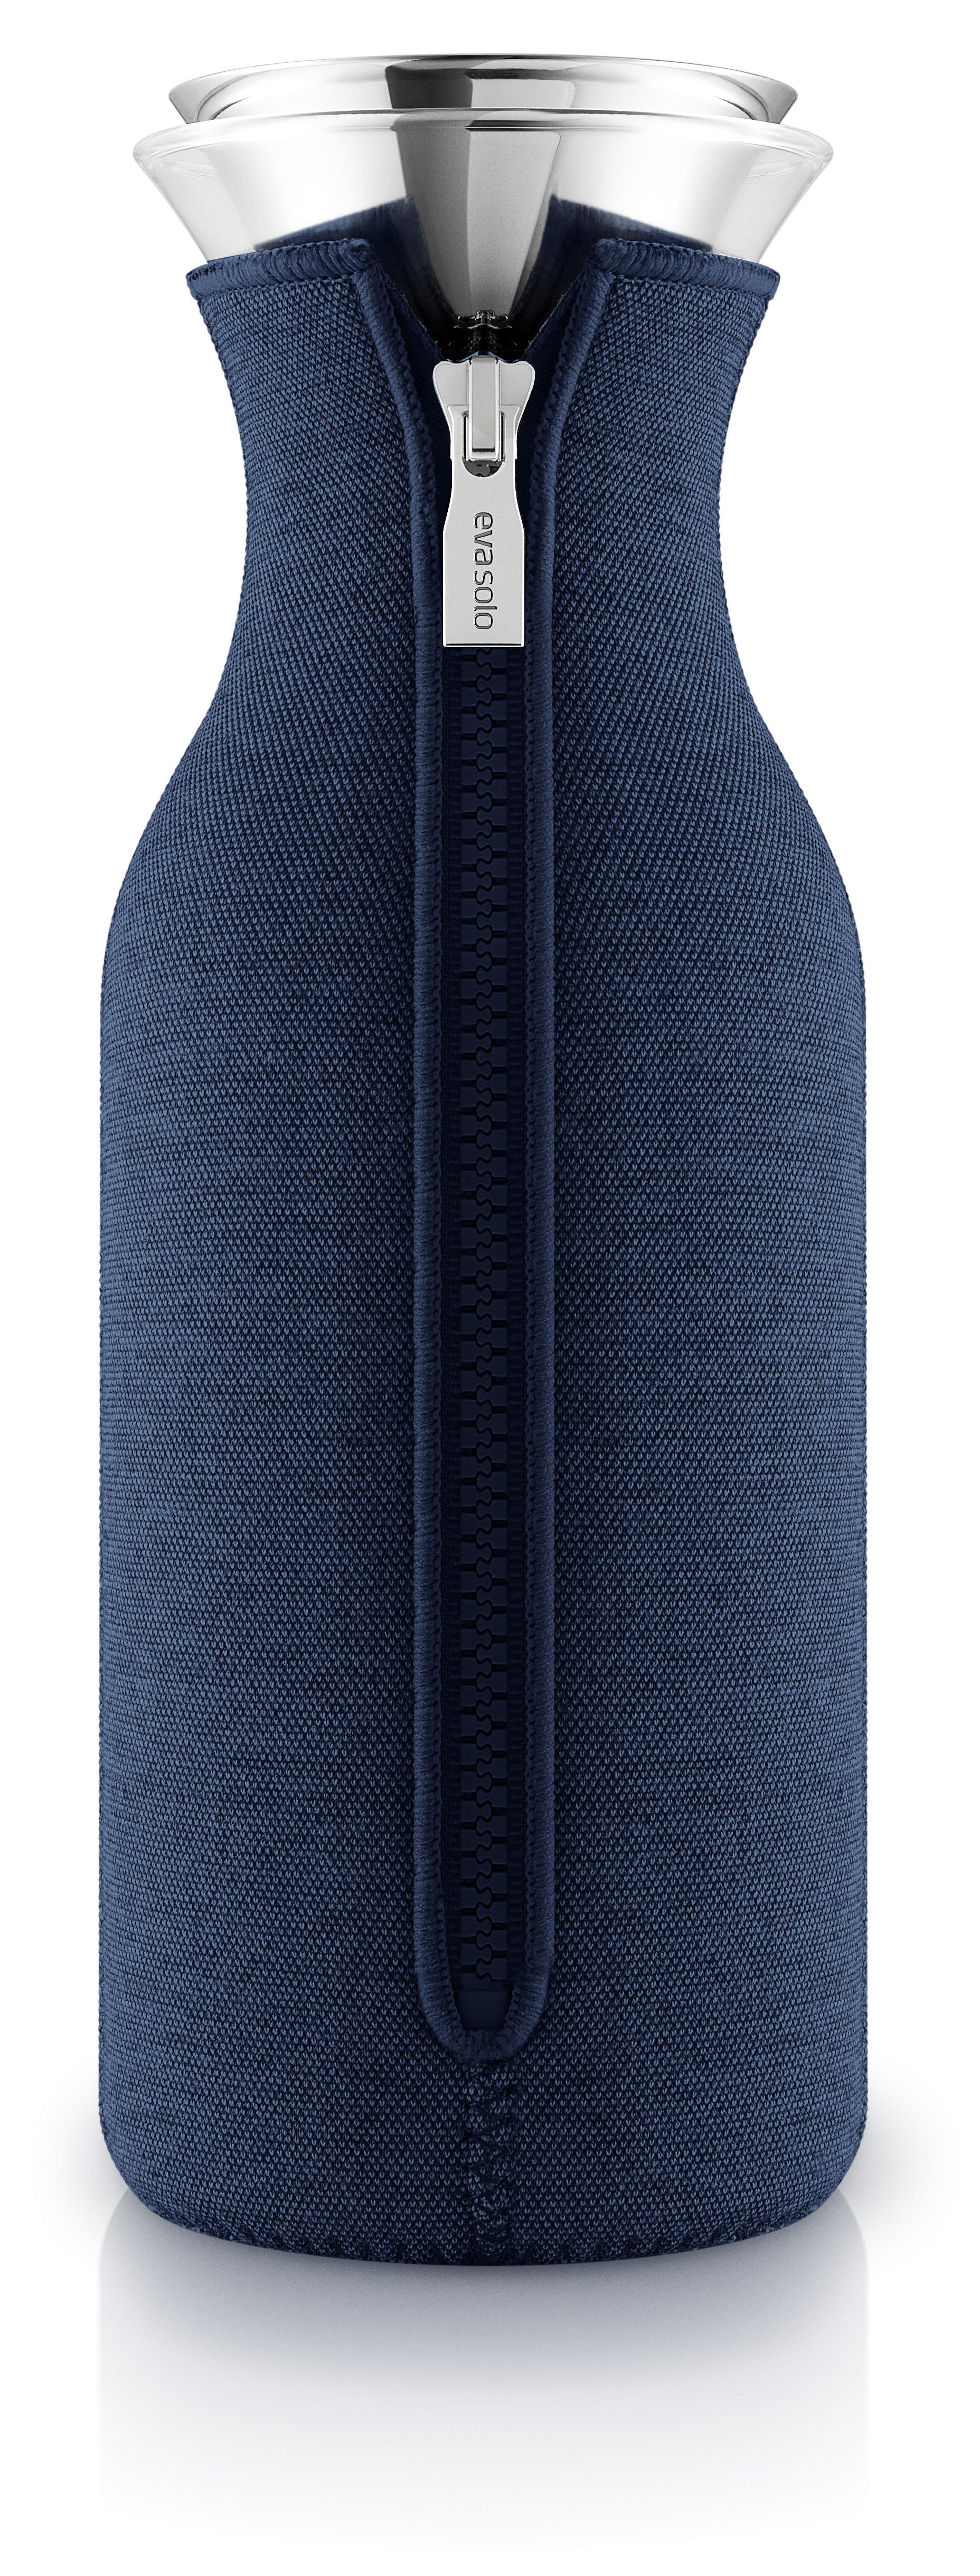 Billede af Eva Solo - Køleskabskaraffel m/neoprendragt - Navy Blue Woven